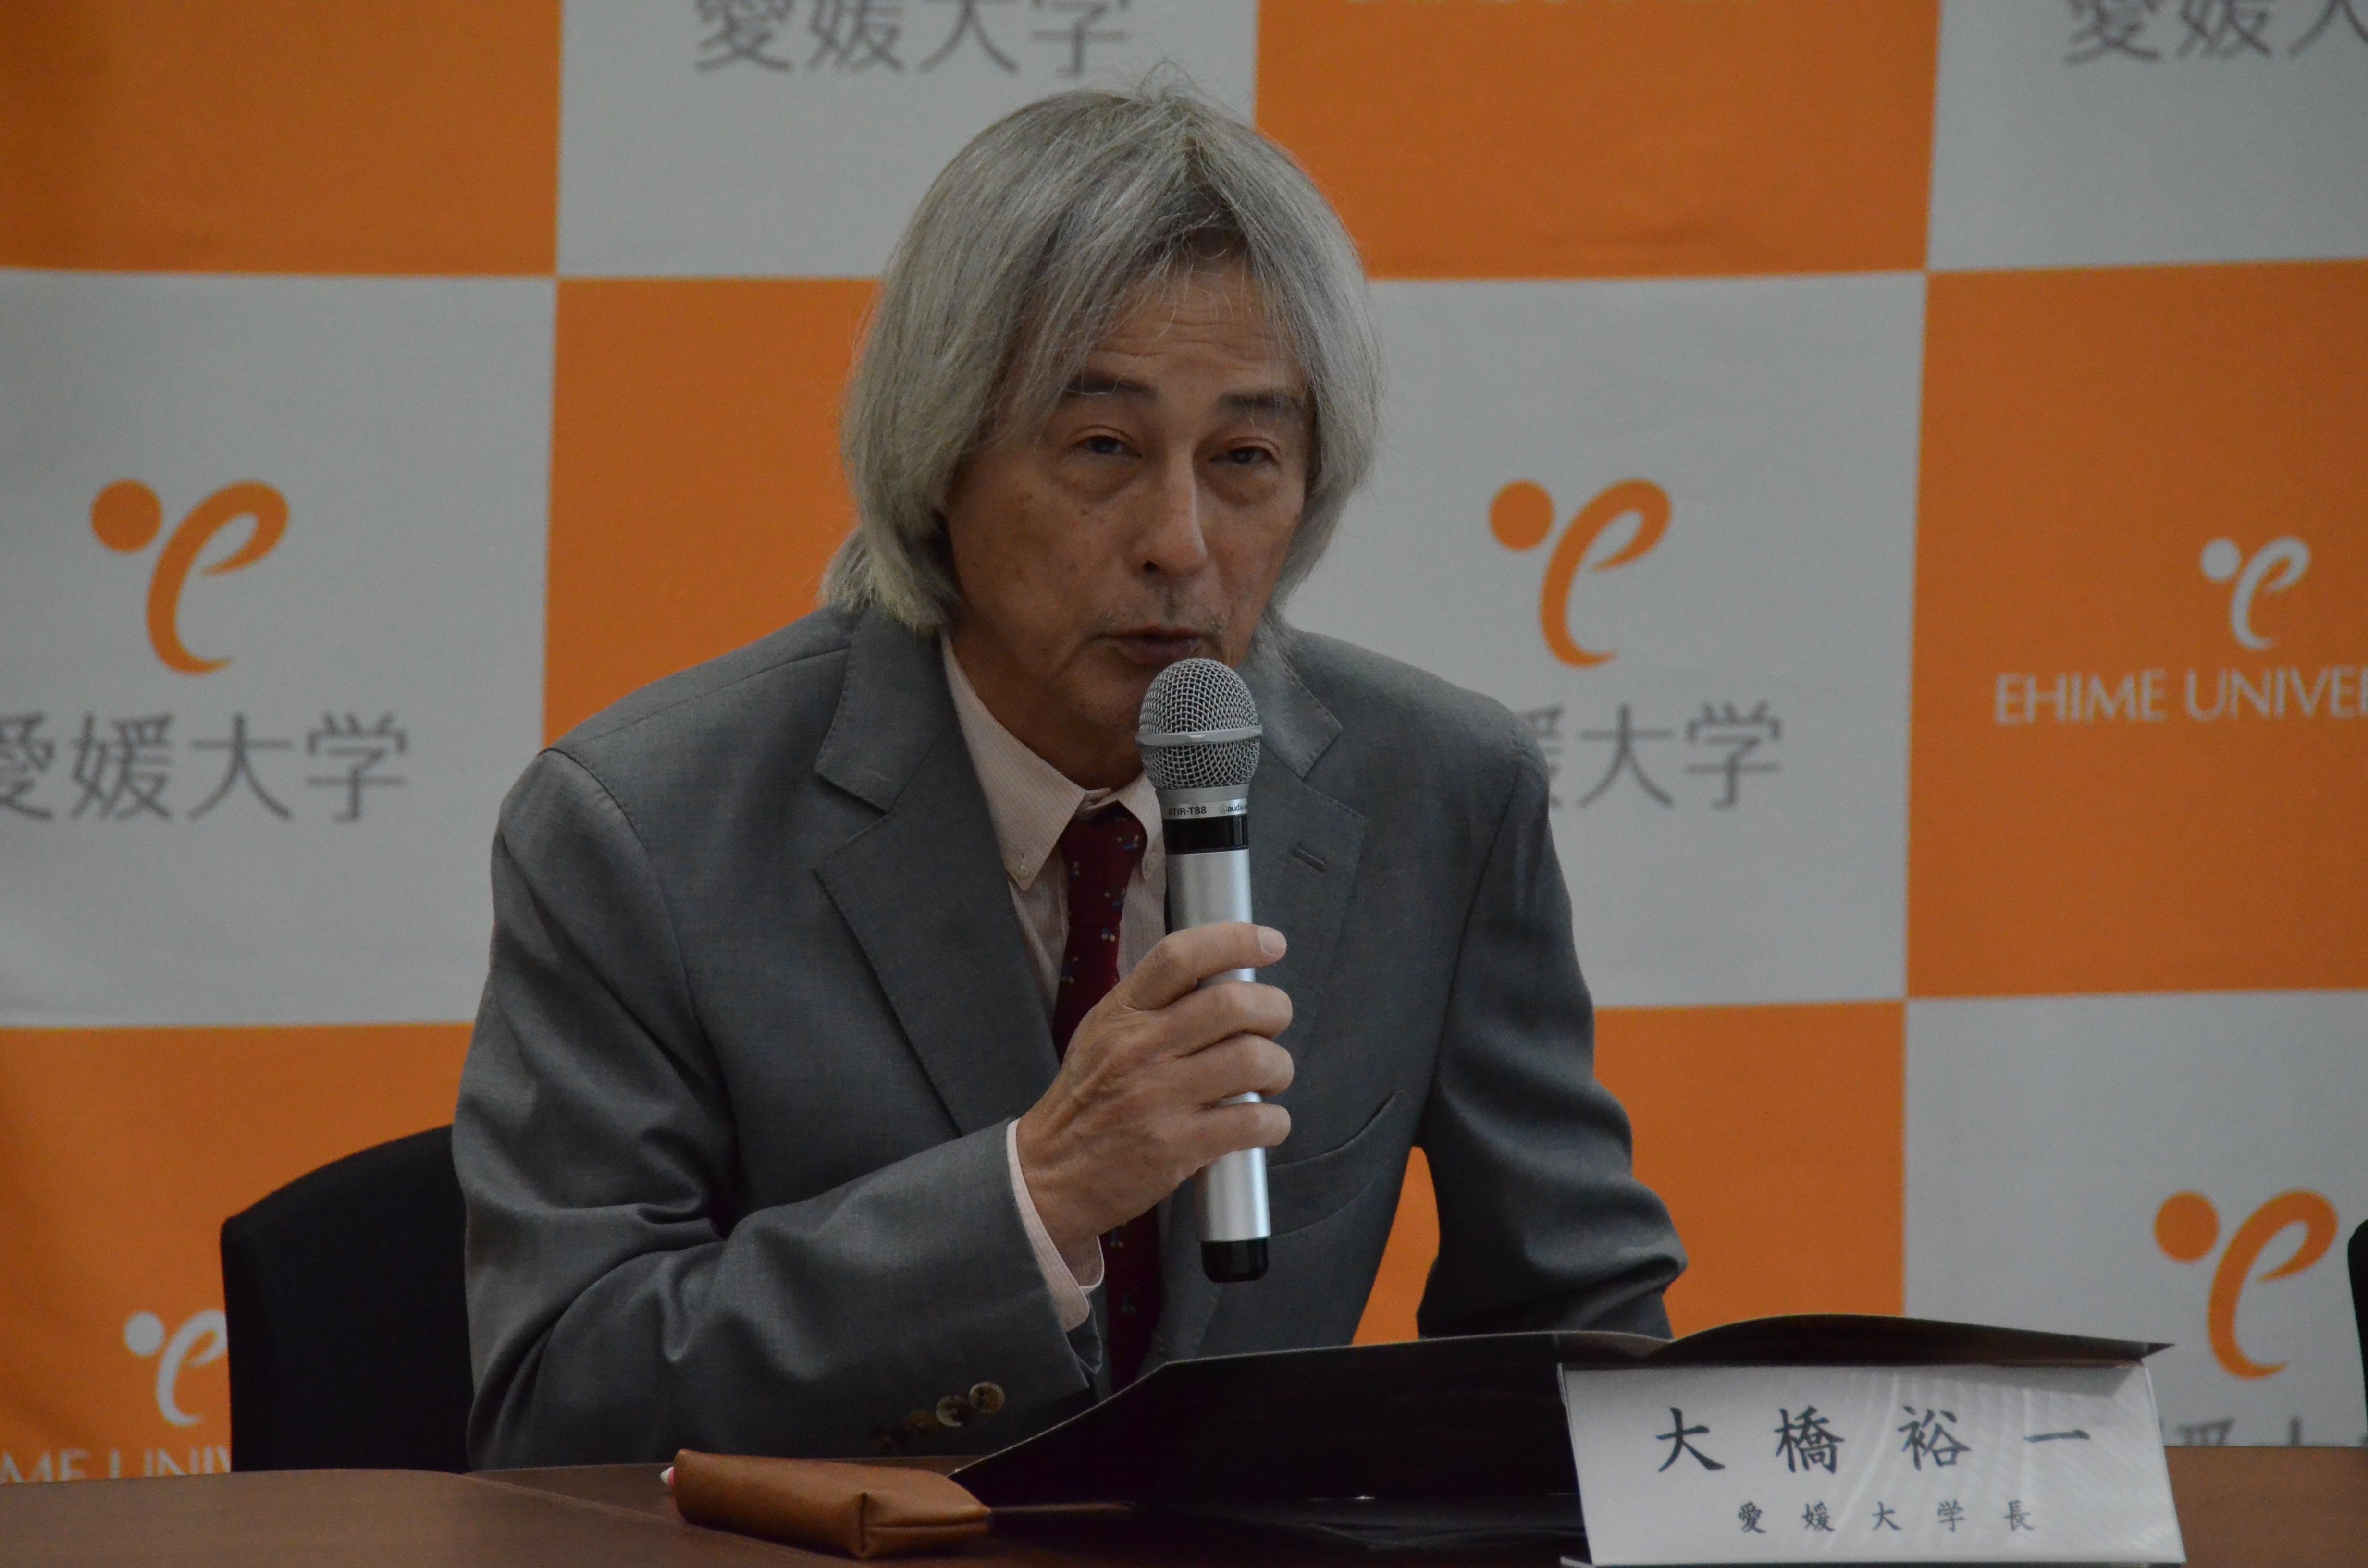 記者説明会で御支援をお願いする大橋裕一学長の写真です